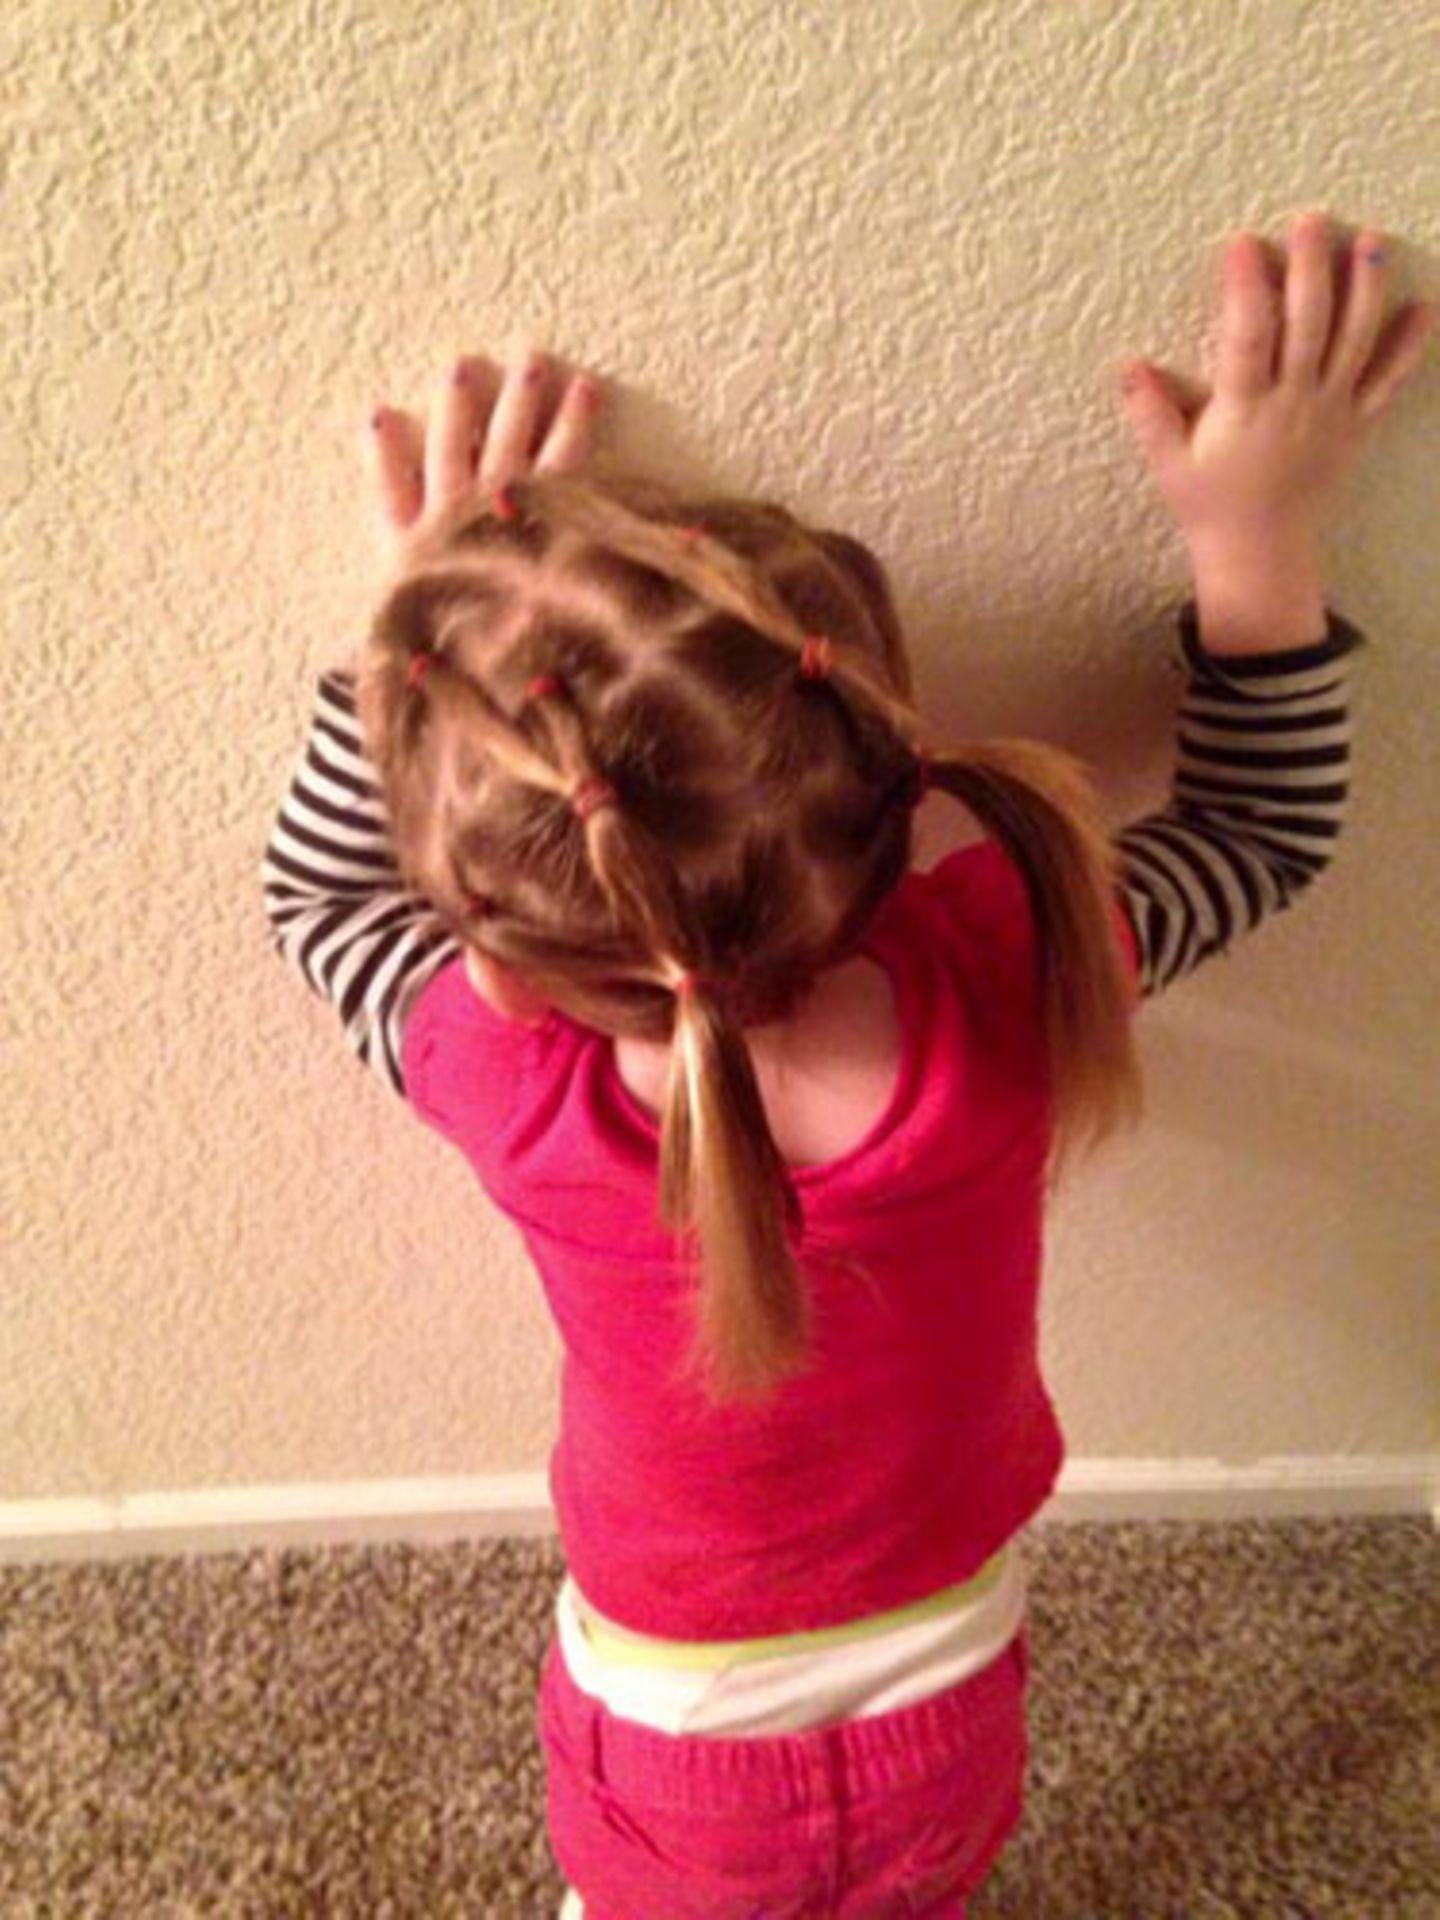 Vater frisiert Tochter - Bilder zum Durchklicken